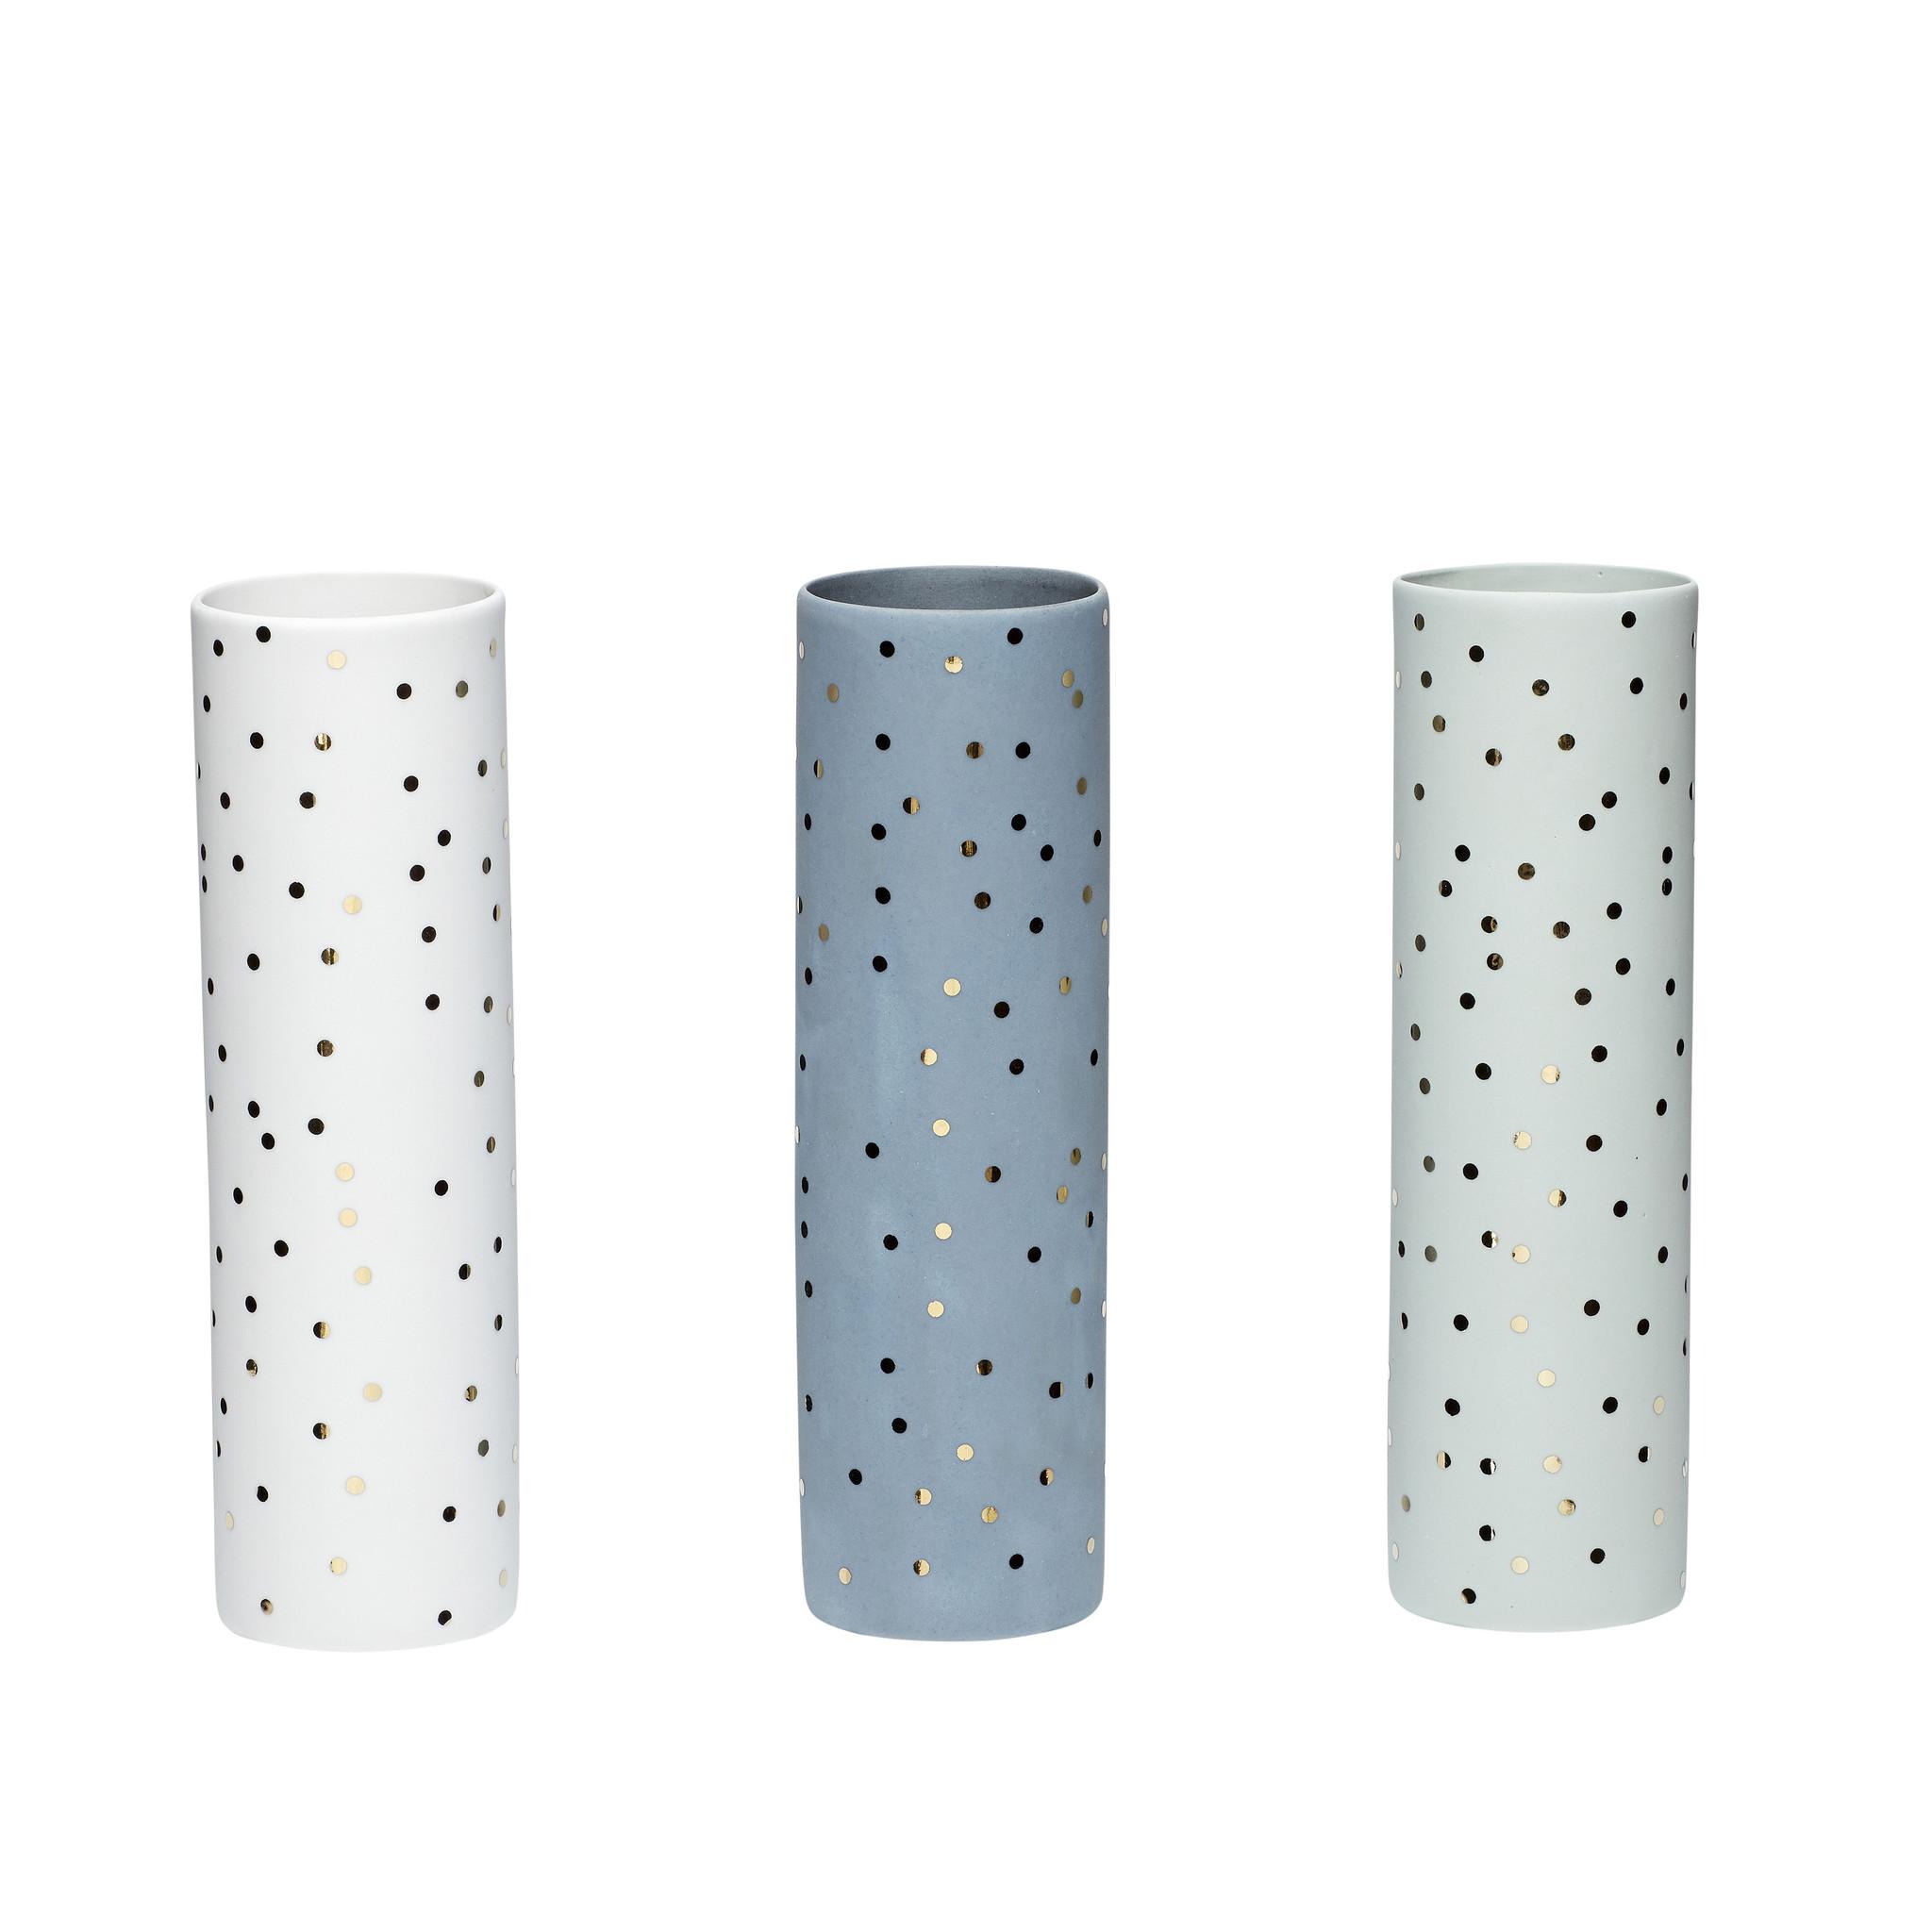 Hubsch Vaas met stippen, porselein, wit / blauw / groen, set van 3